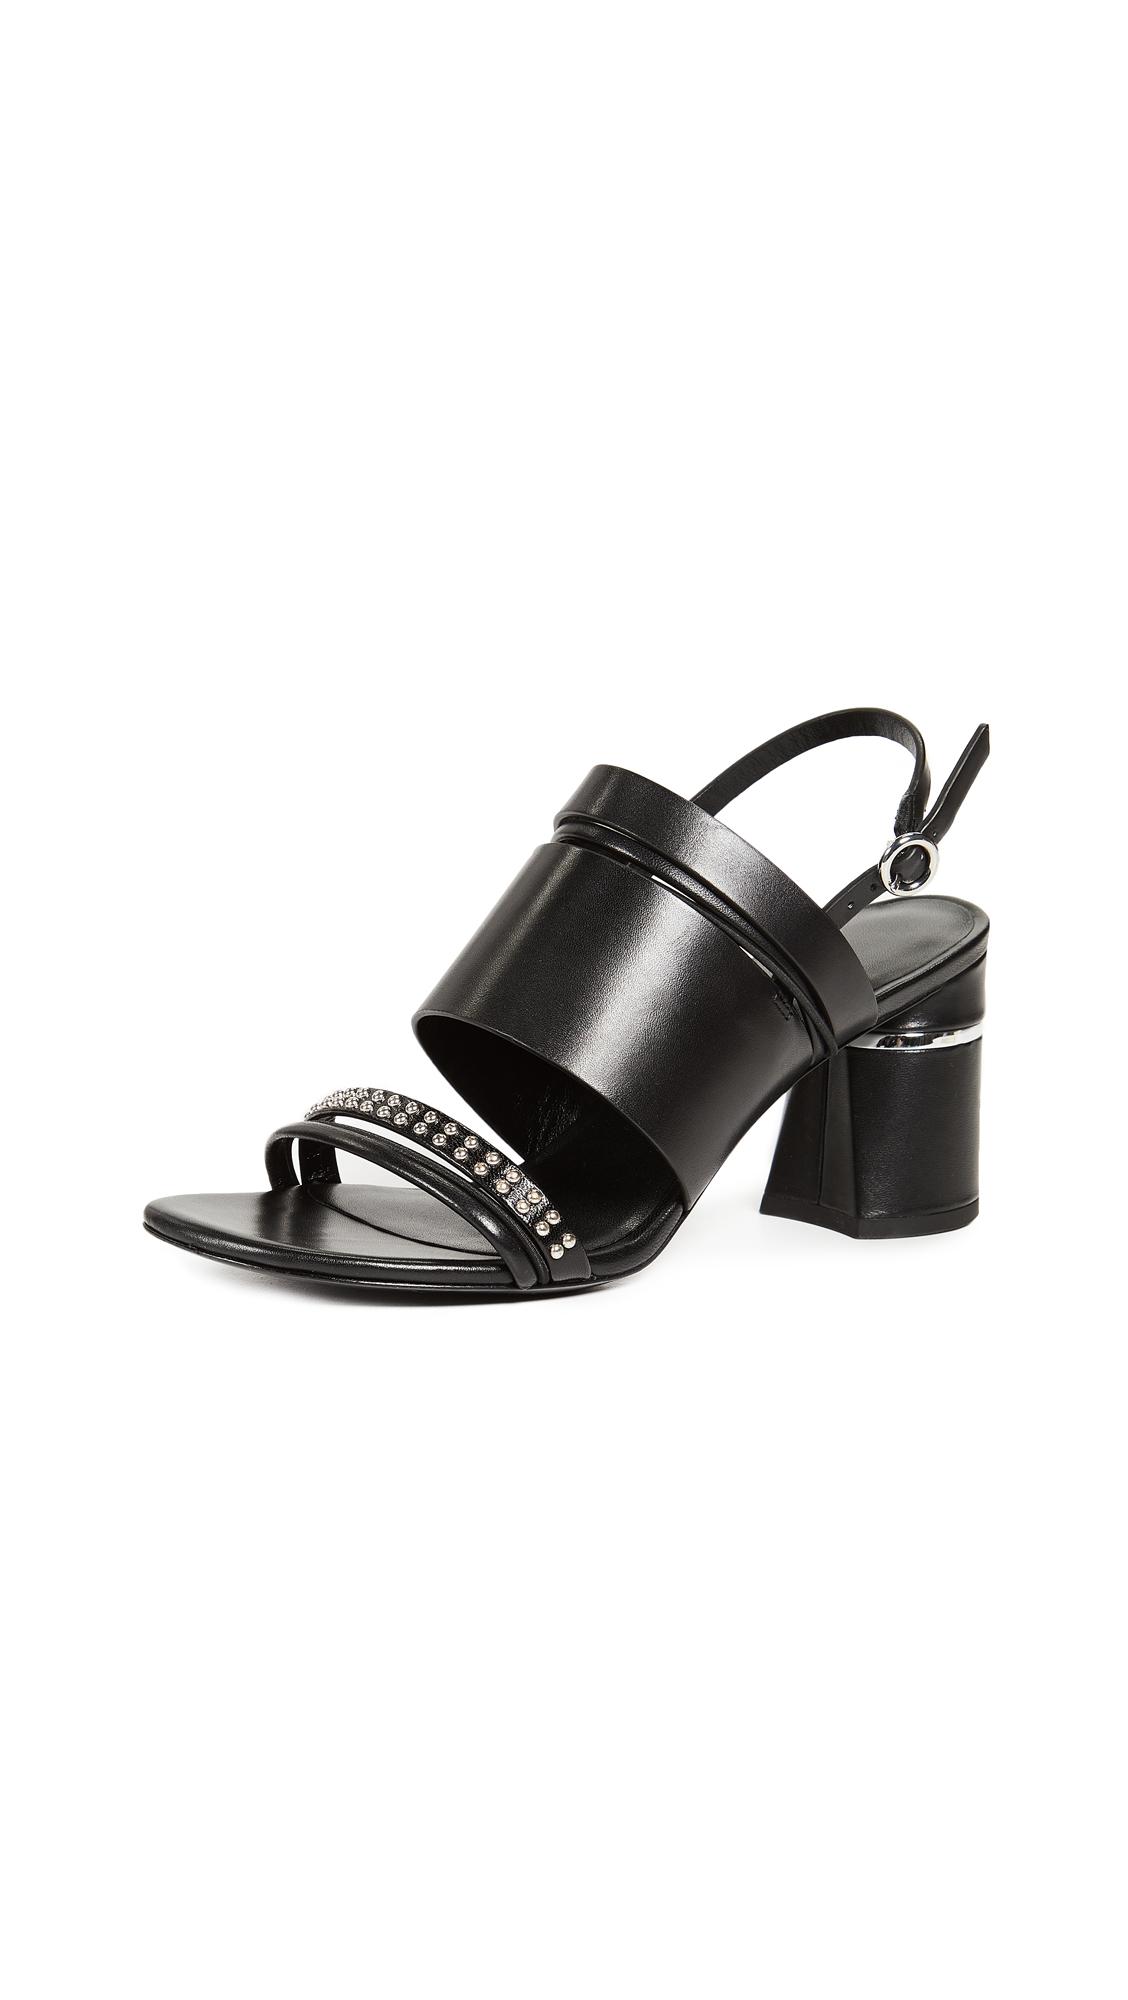 3.1 Phillip Lim Drum 70mm Multi Strap Sandals